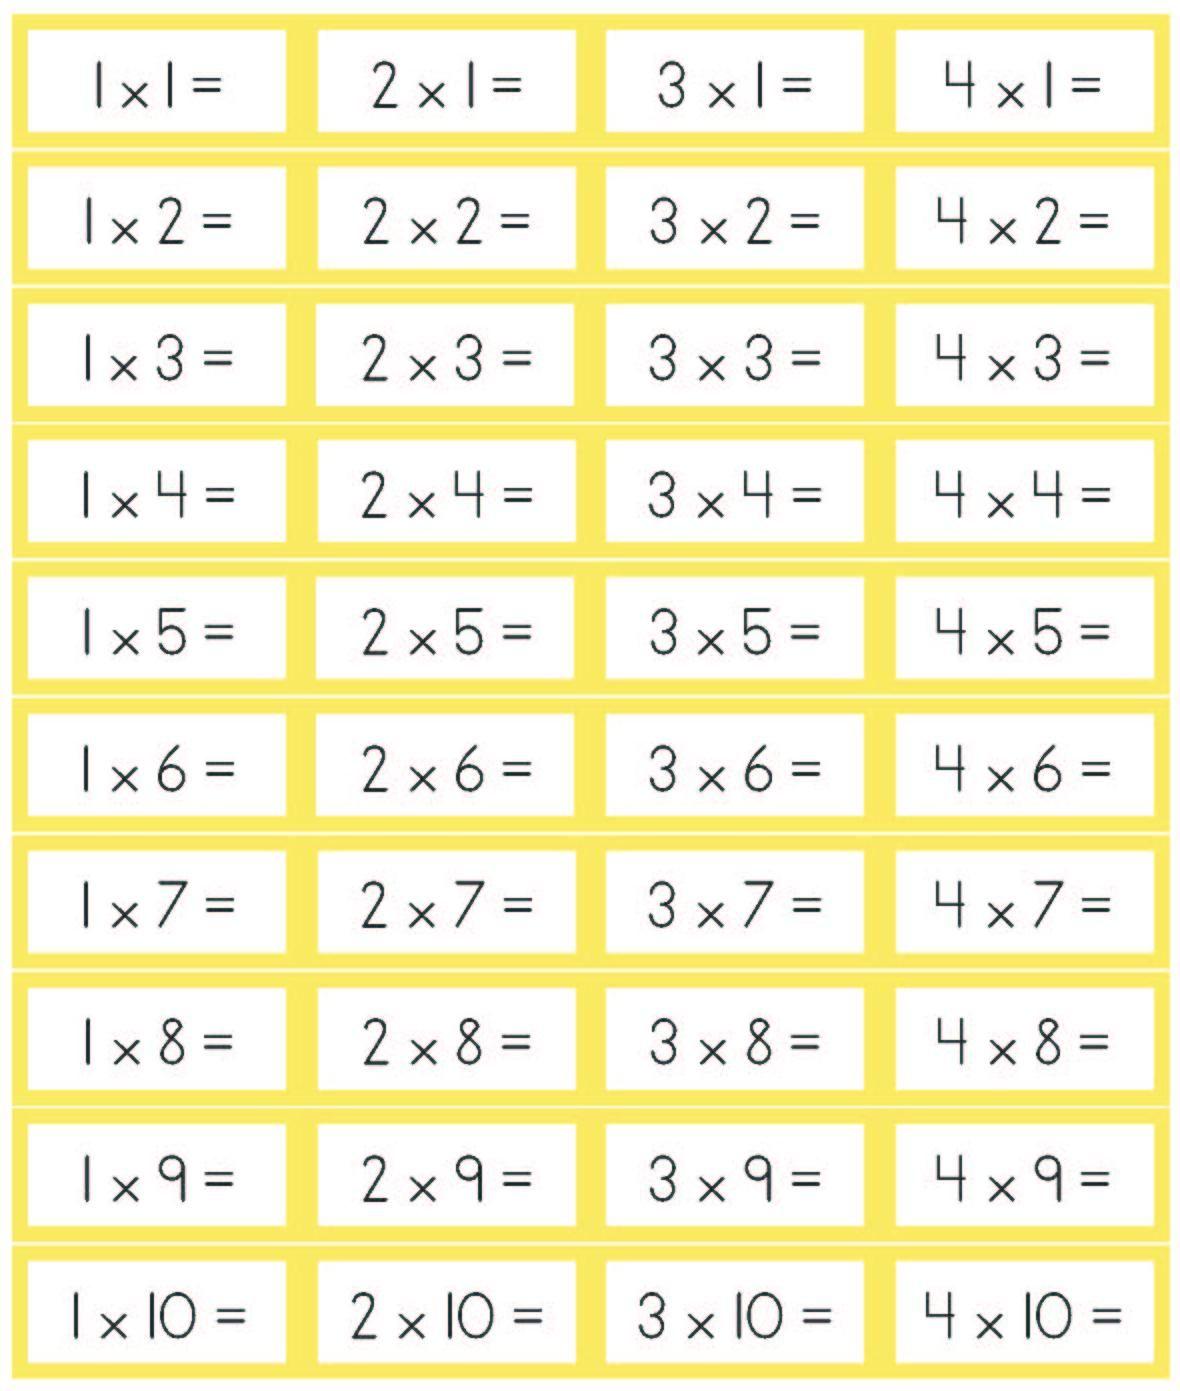 Pin von J D auf matikka | Pinterest | Multiplikation, Rechnen und Mathe